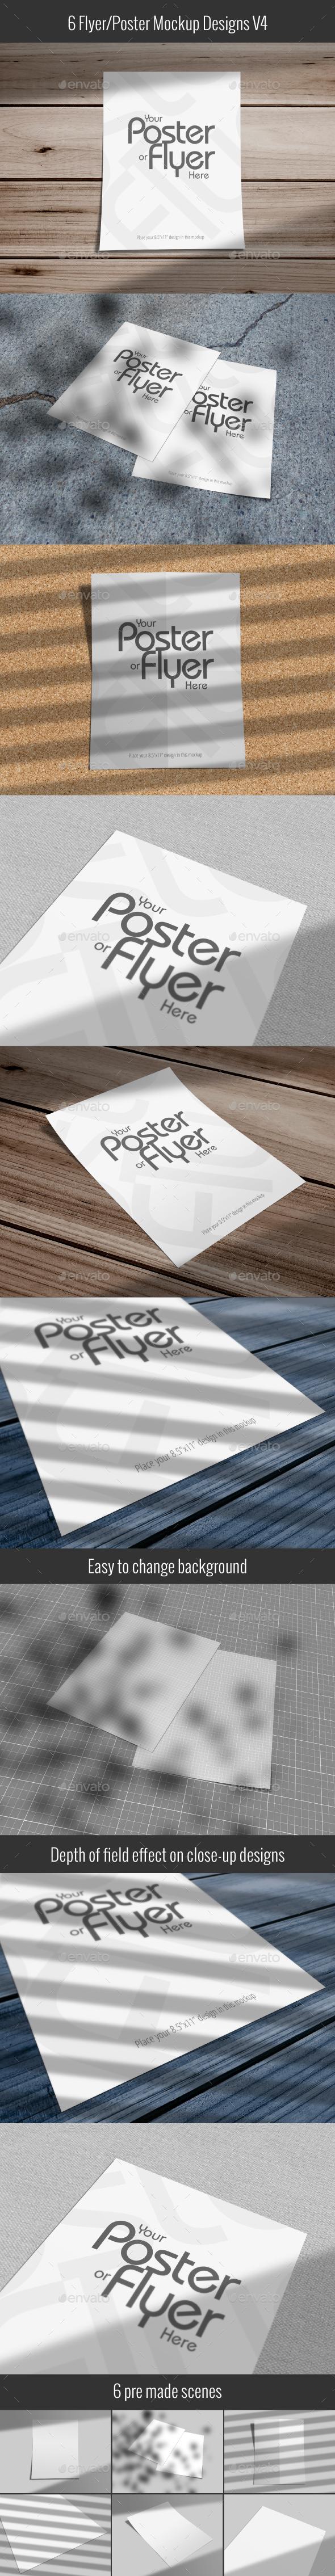 Poster/Flyer Mockups V04 - Posters Print